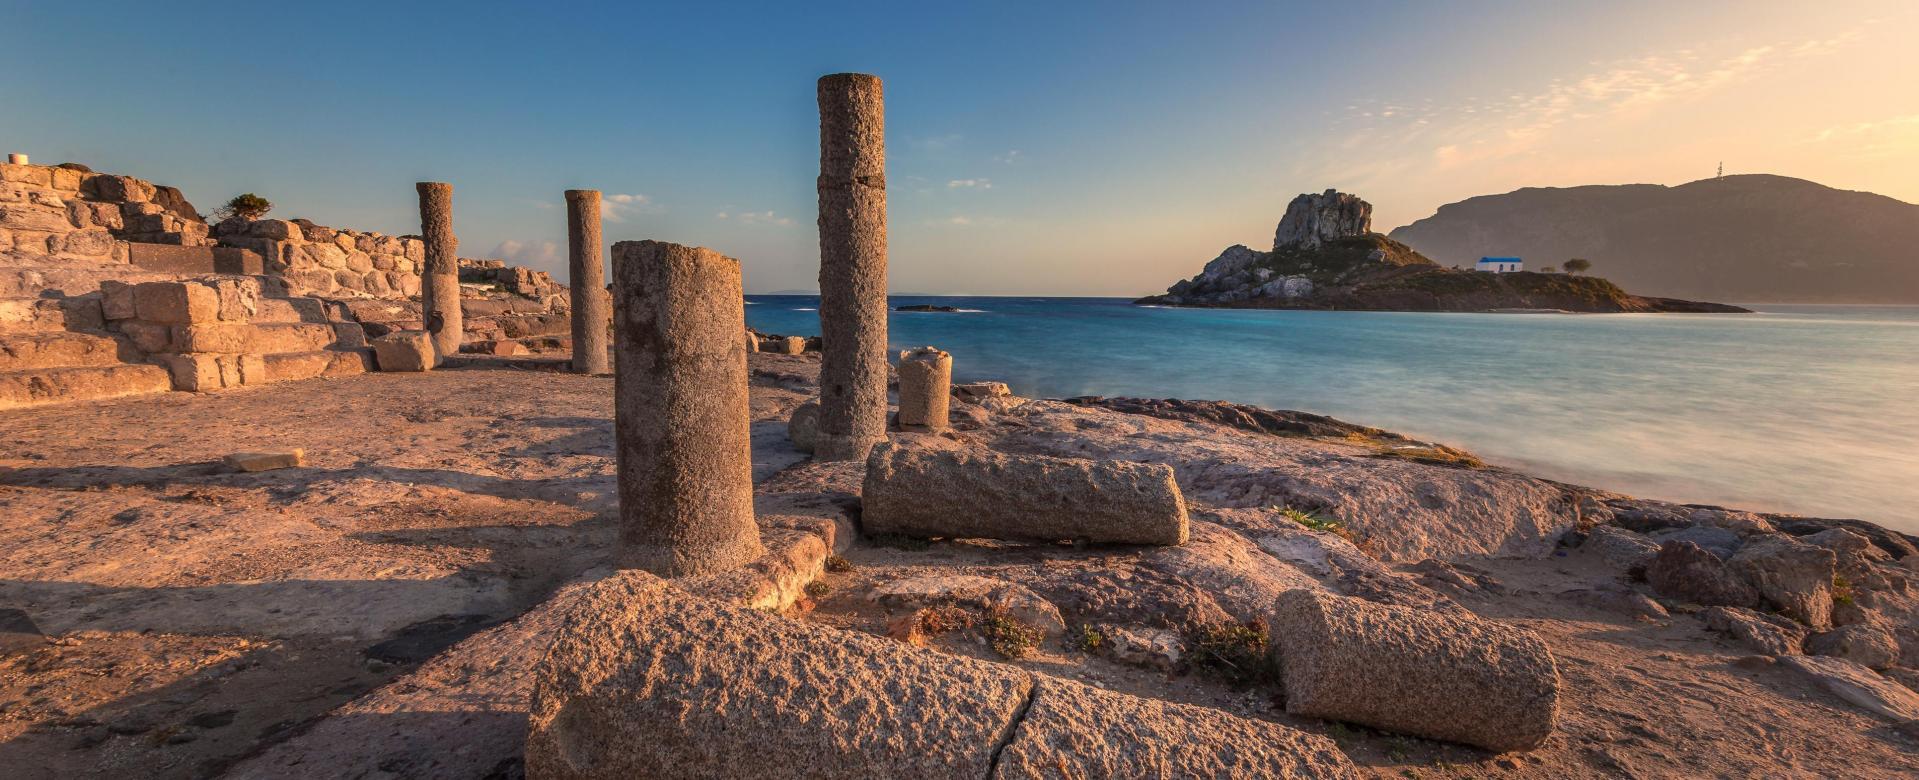 Voyage sur l'eau Grèce : Au pays de zeus